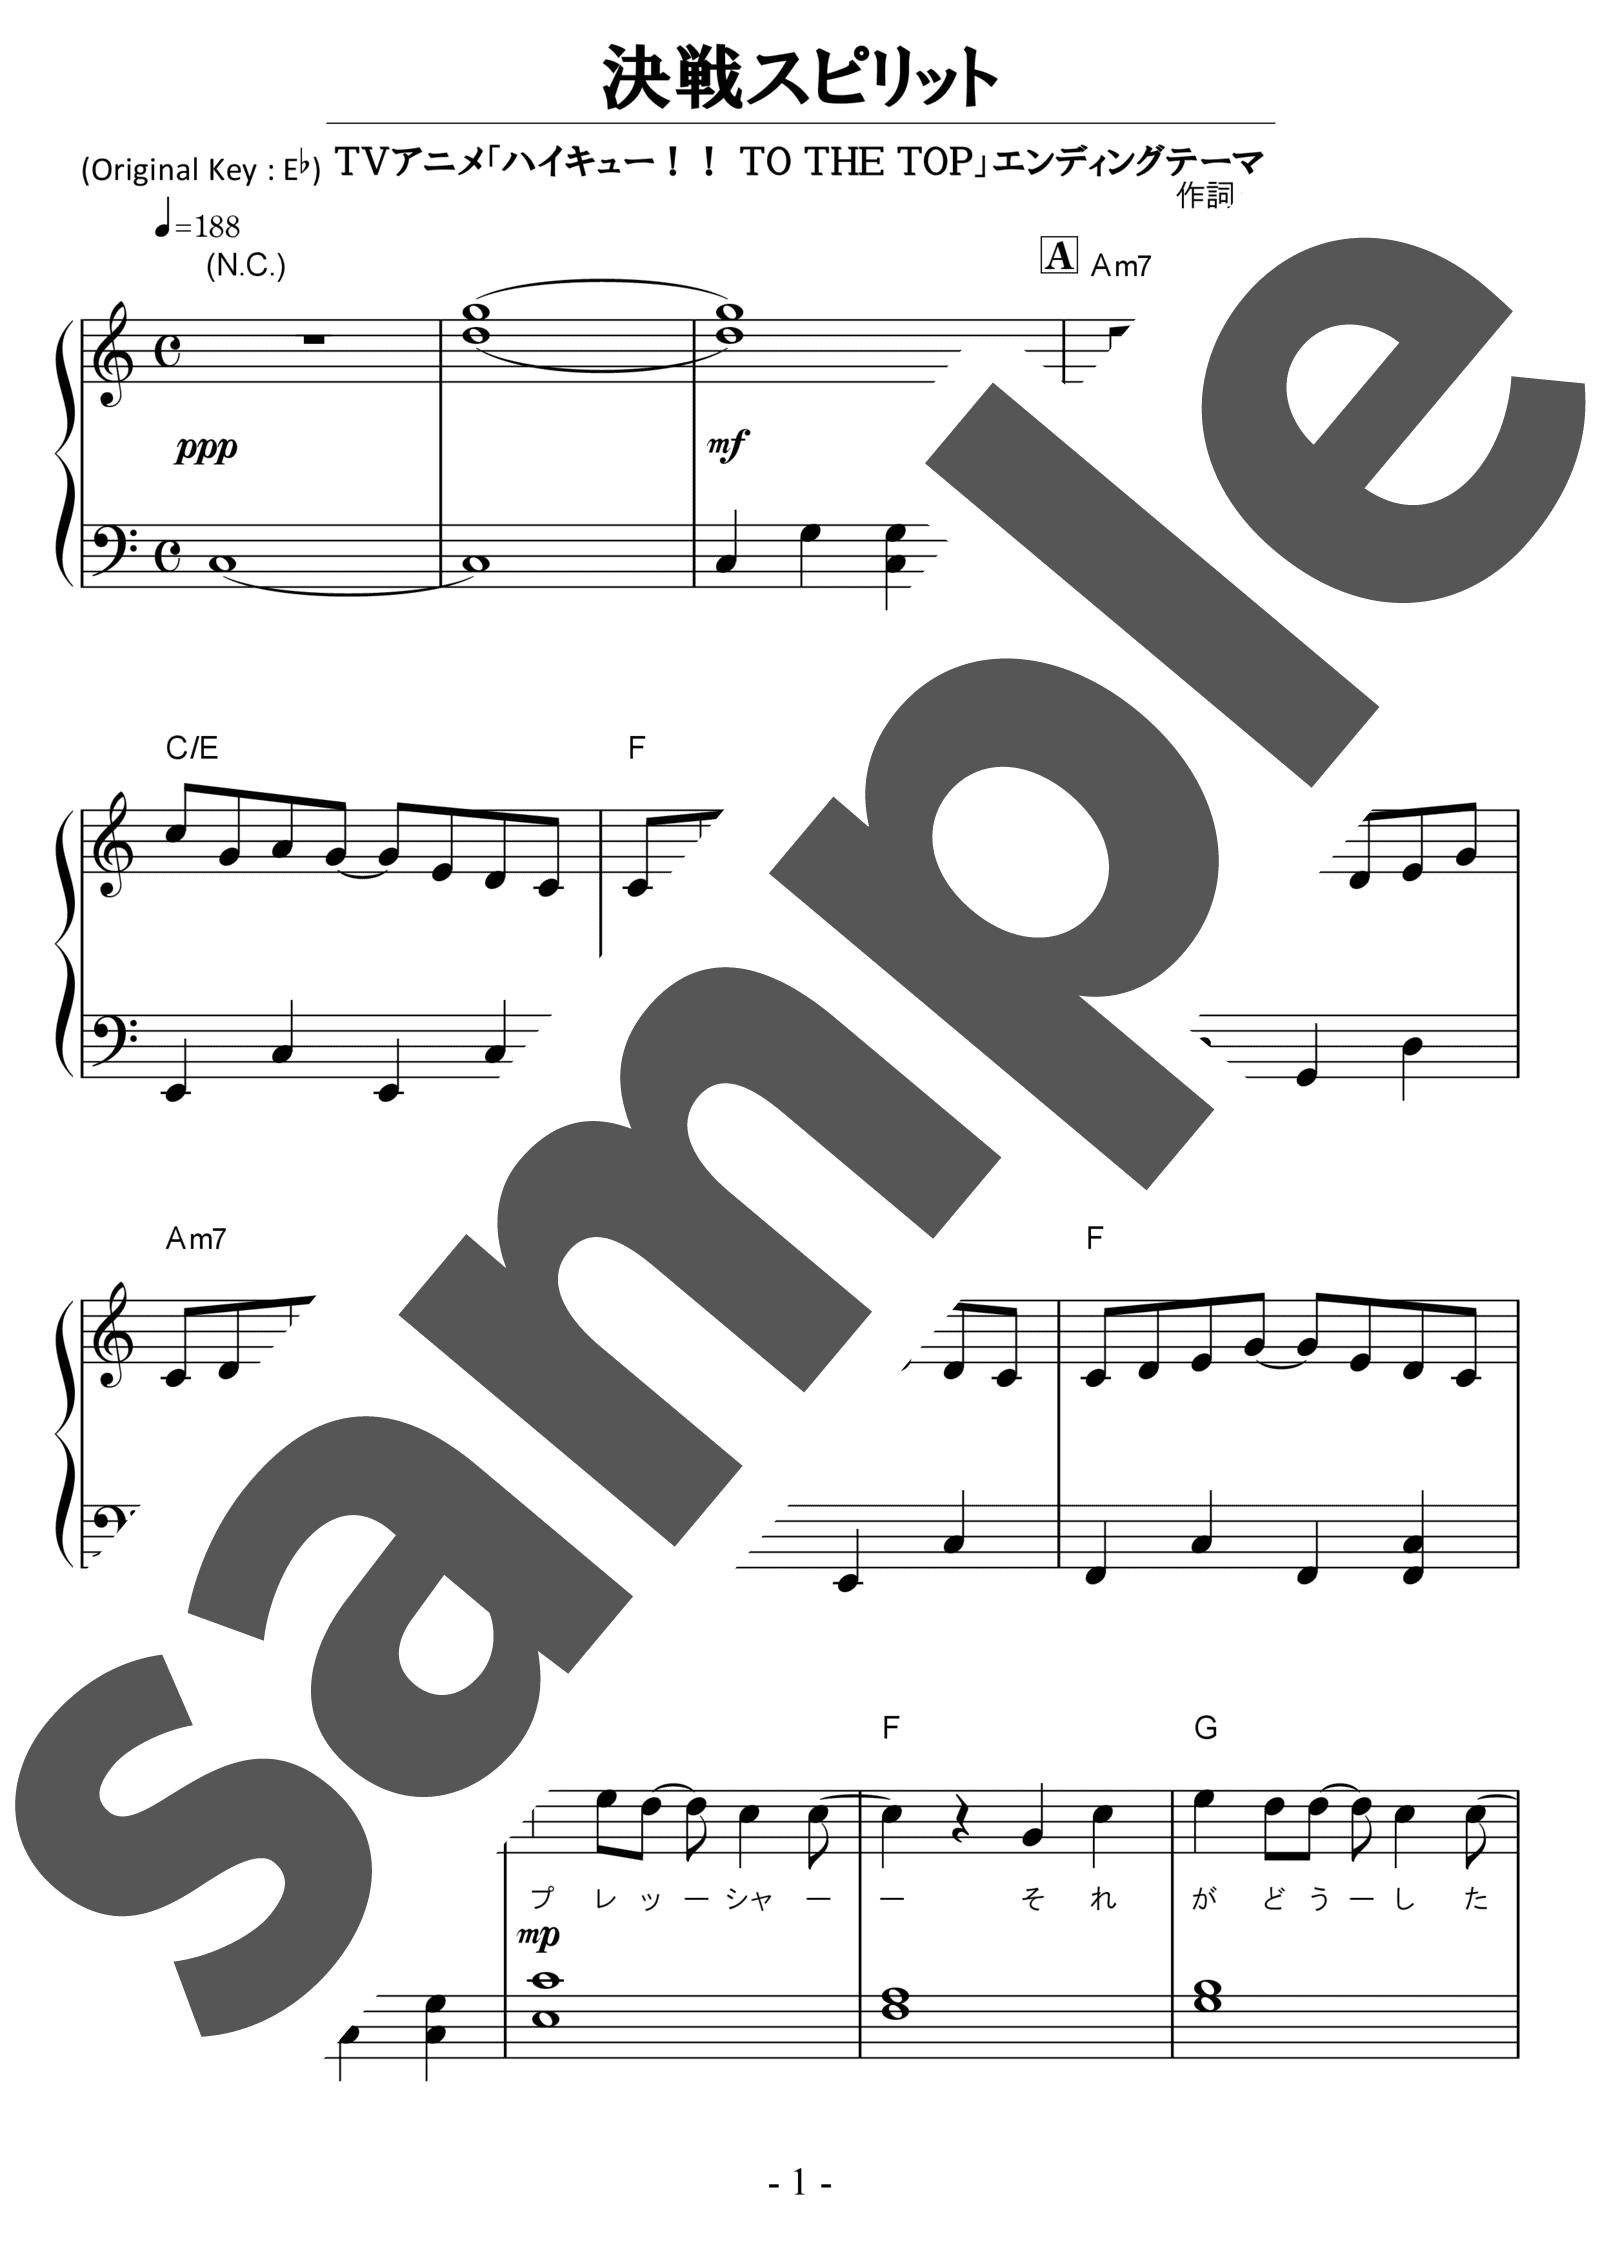 「決戦スピリット」のサンプル楽譜